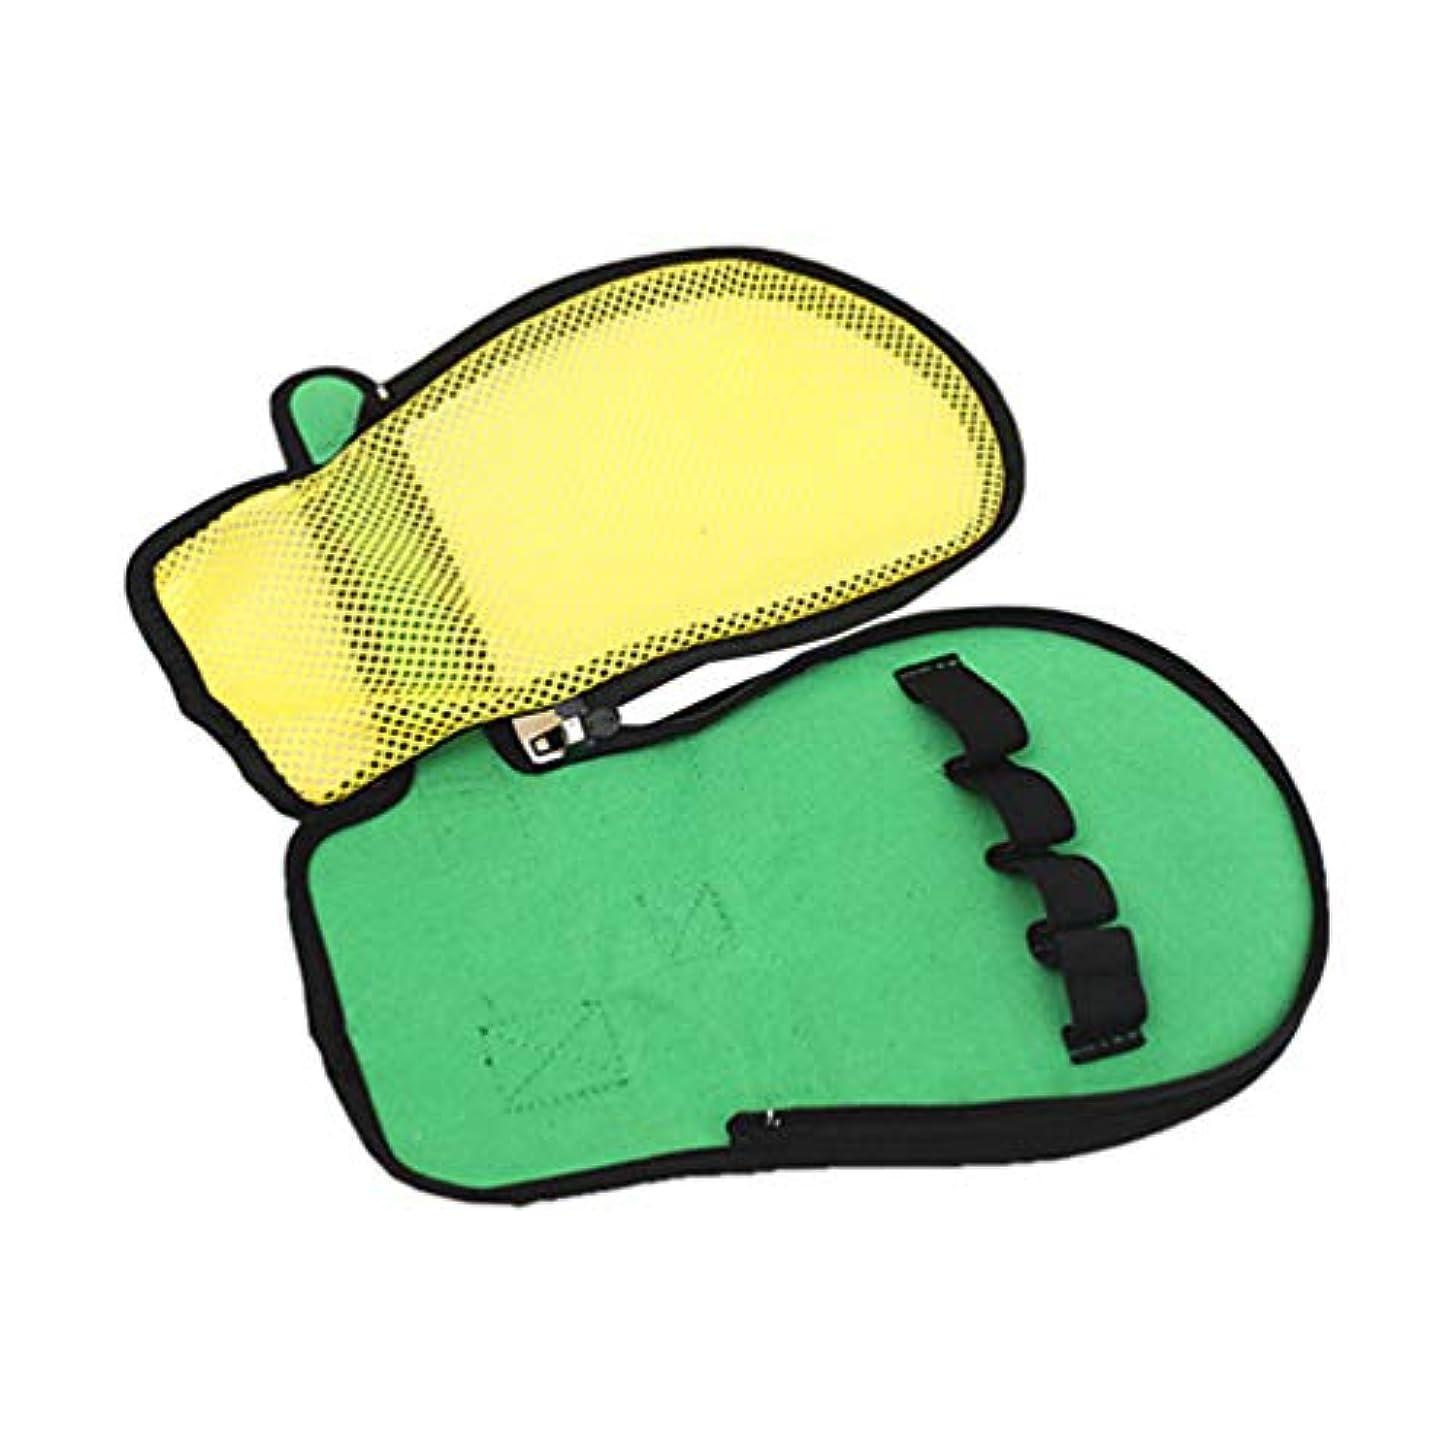 故国告白種をまくFrcolor フィンガーコントロールミット取り外し可能通気性肥厚傷をつかみ止め拘束グローブ手首固定グローブ5指固定ベルト感染予防患者用